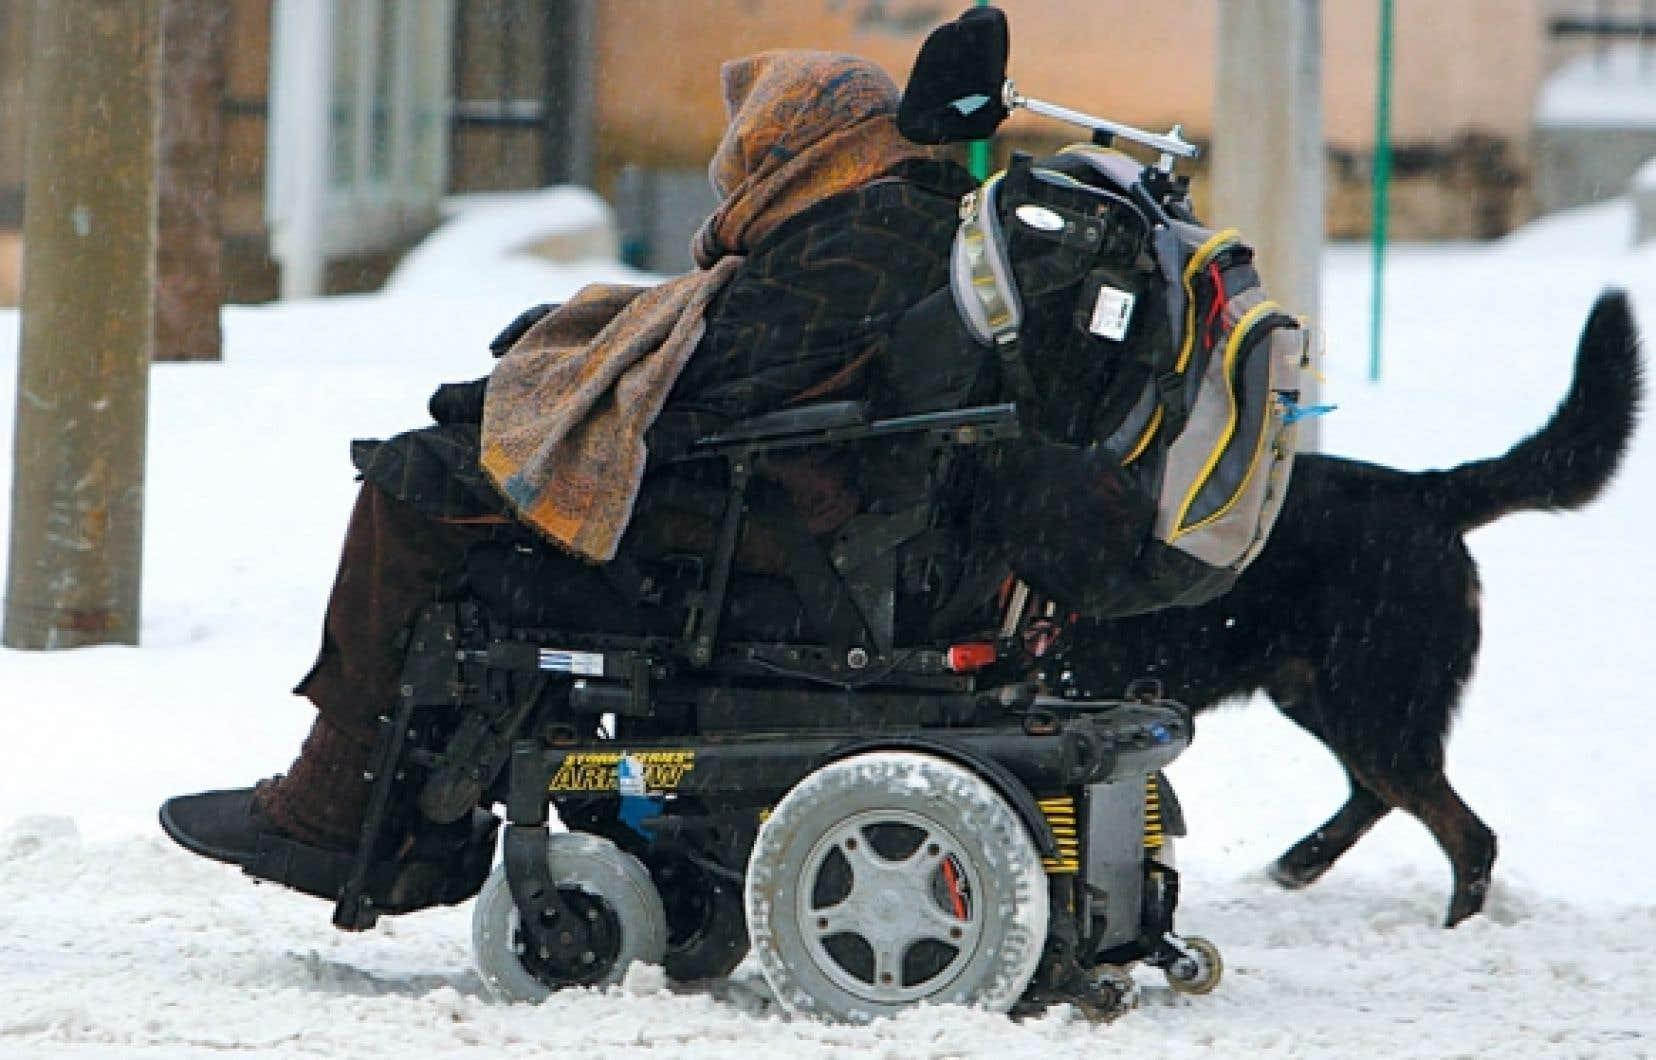 Le transport adapté nous handicape. Combien d'opportunités d'emploi nous ont glissé entre les doigts parce que nous ne pouvions nous déplacer facilement dans notre ville?